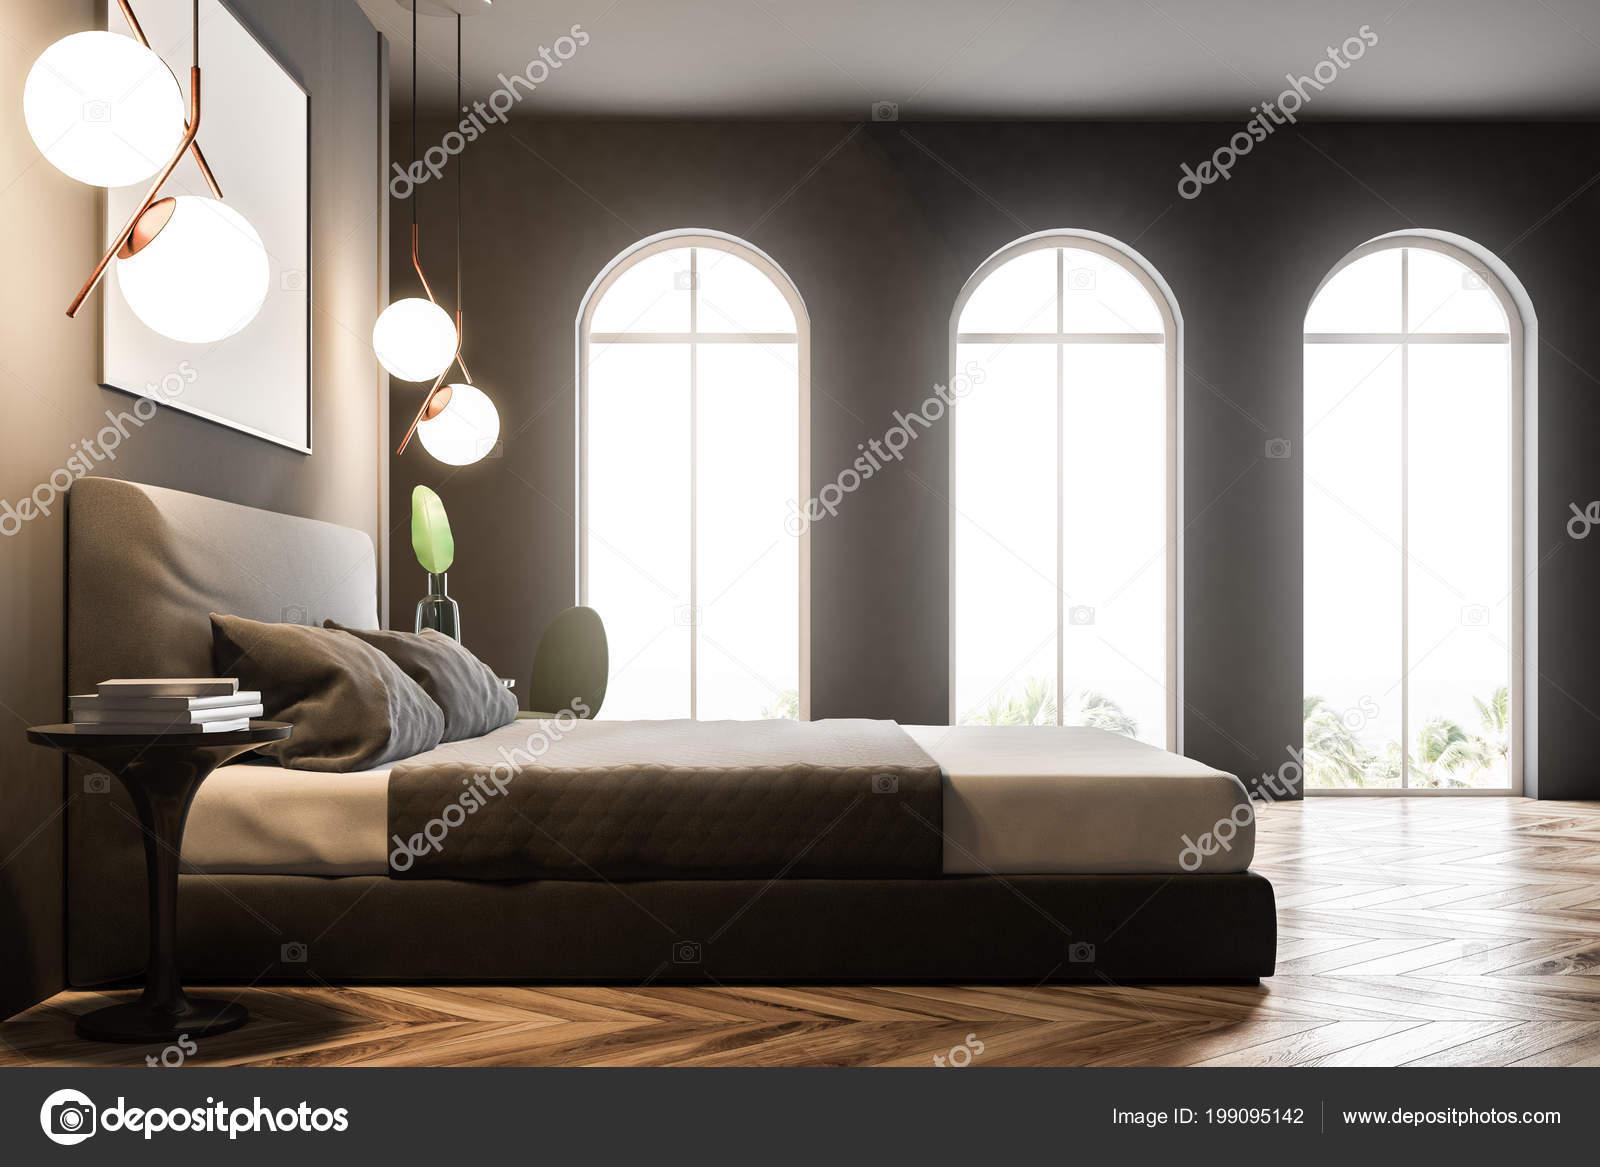 Camere Da Letto Pareti Grigie : Camere da letto color tortora parete grigia e bianca giocare sulle